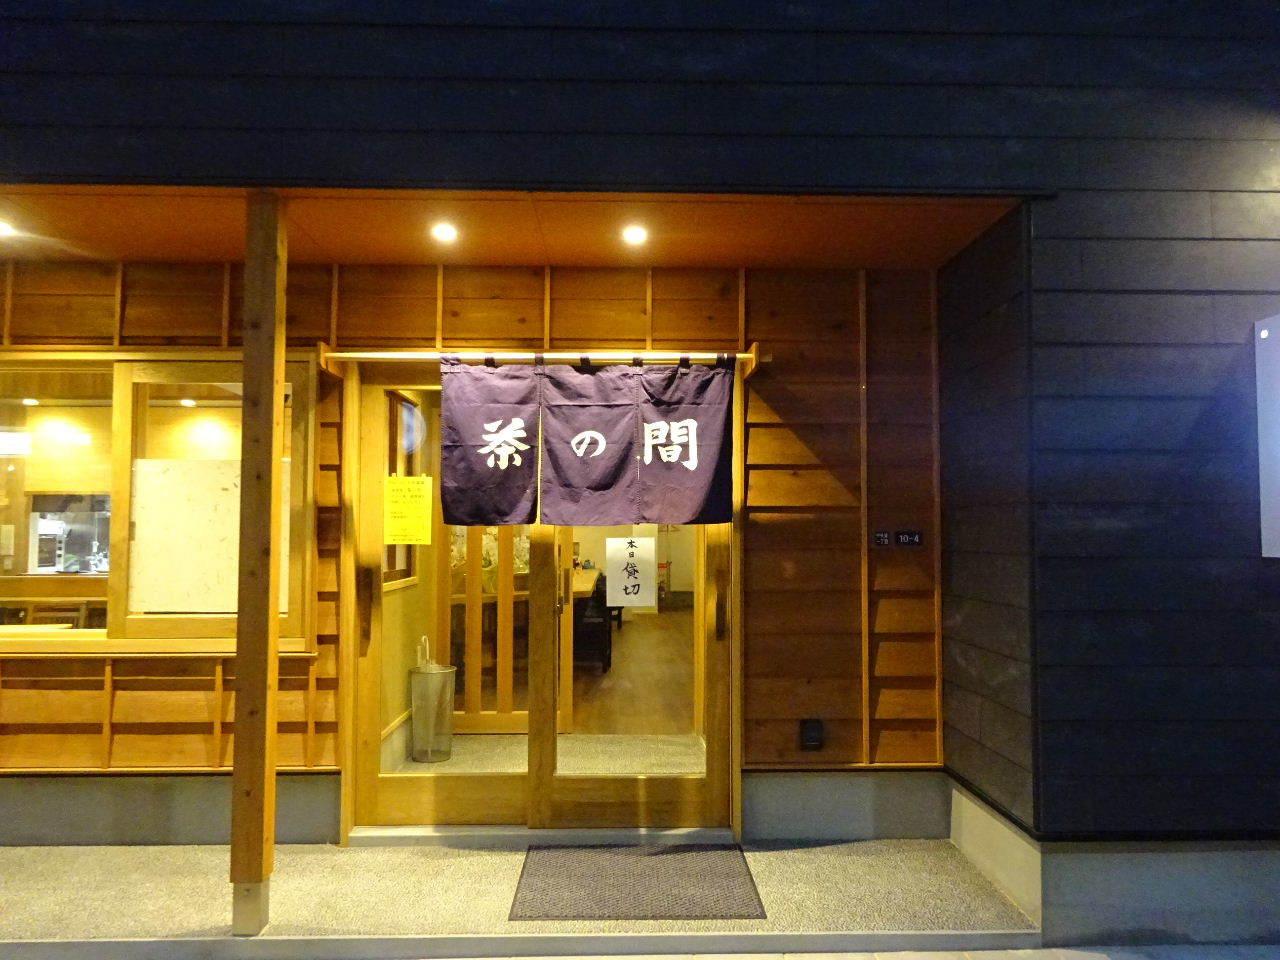 中央通り 居酒屋「茶の間」様 完成写真③_f0105112_04315509.jpg